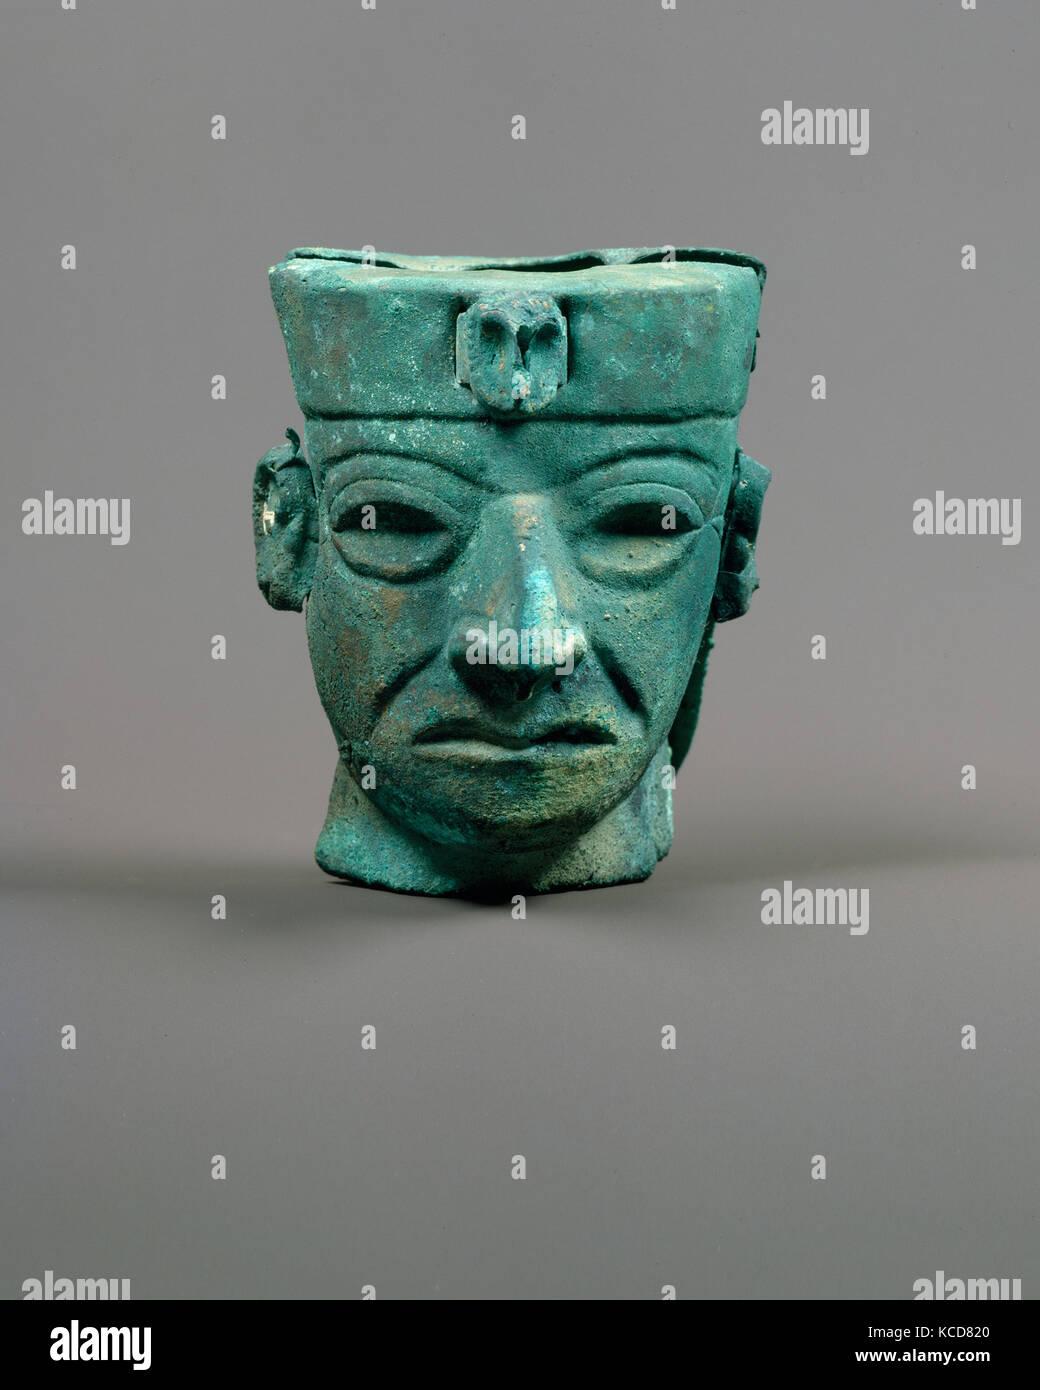 Head ornament, 390–450, Peru, Moche (Loma Negra), Gilded copper, H. 3 1/2 in. (9 cm), Metal-Ornaments - Stock Image